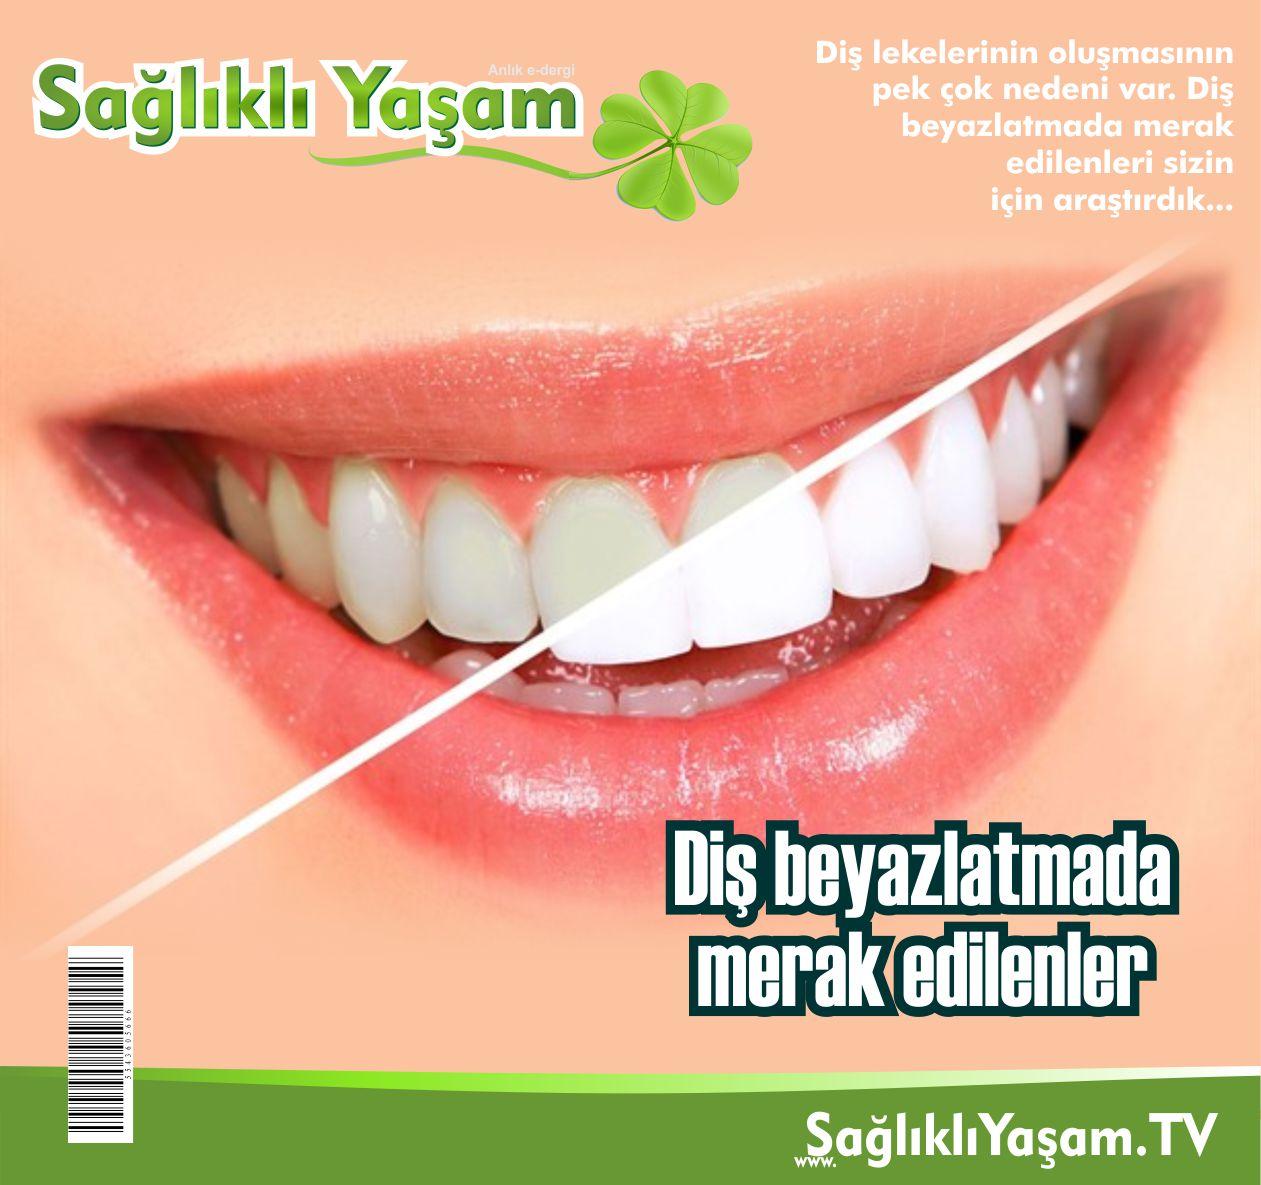 Ağız ve diş sağlığı, Diş beyazlatma, Zararları, Faydaları,